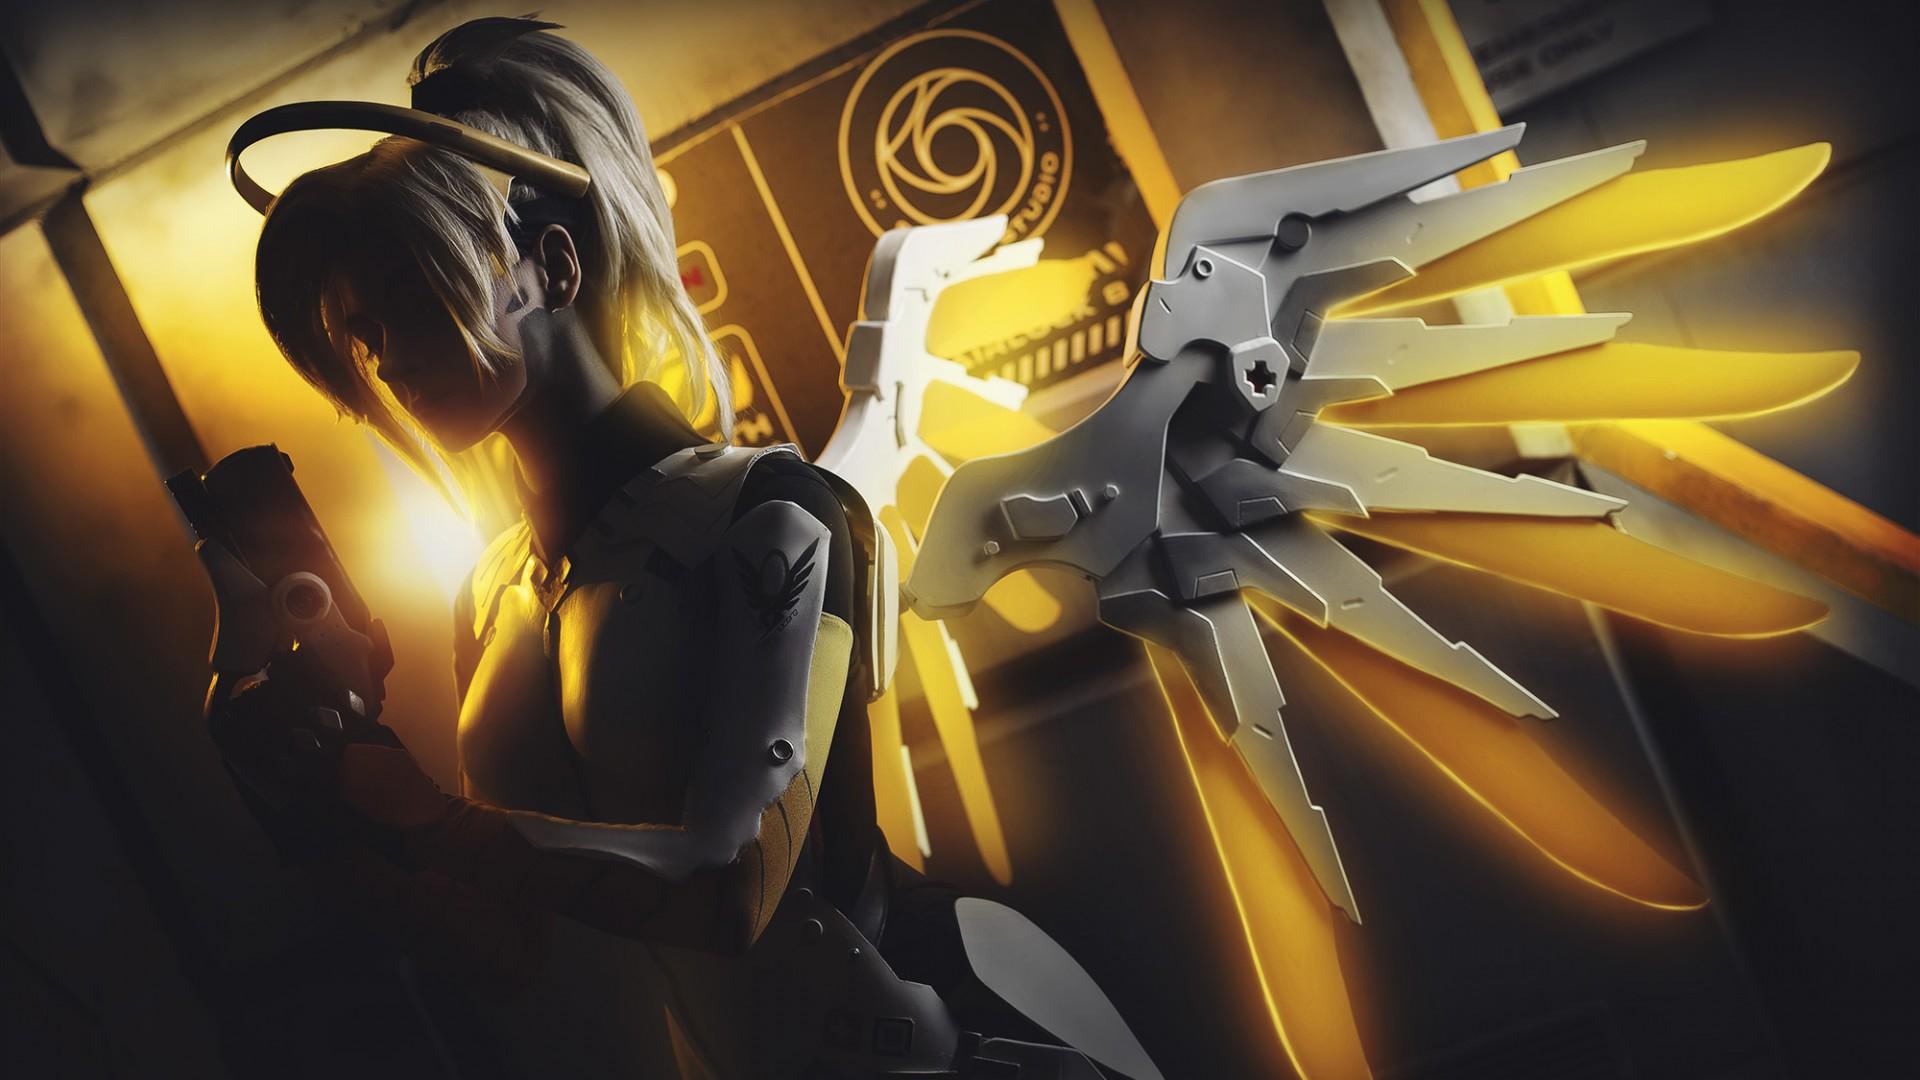 بروزرسان جدید عنوان Overwatch بار دیگر تغییراتی در شخصیت Mercy ایجاد می کند